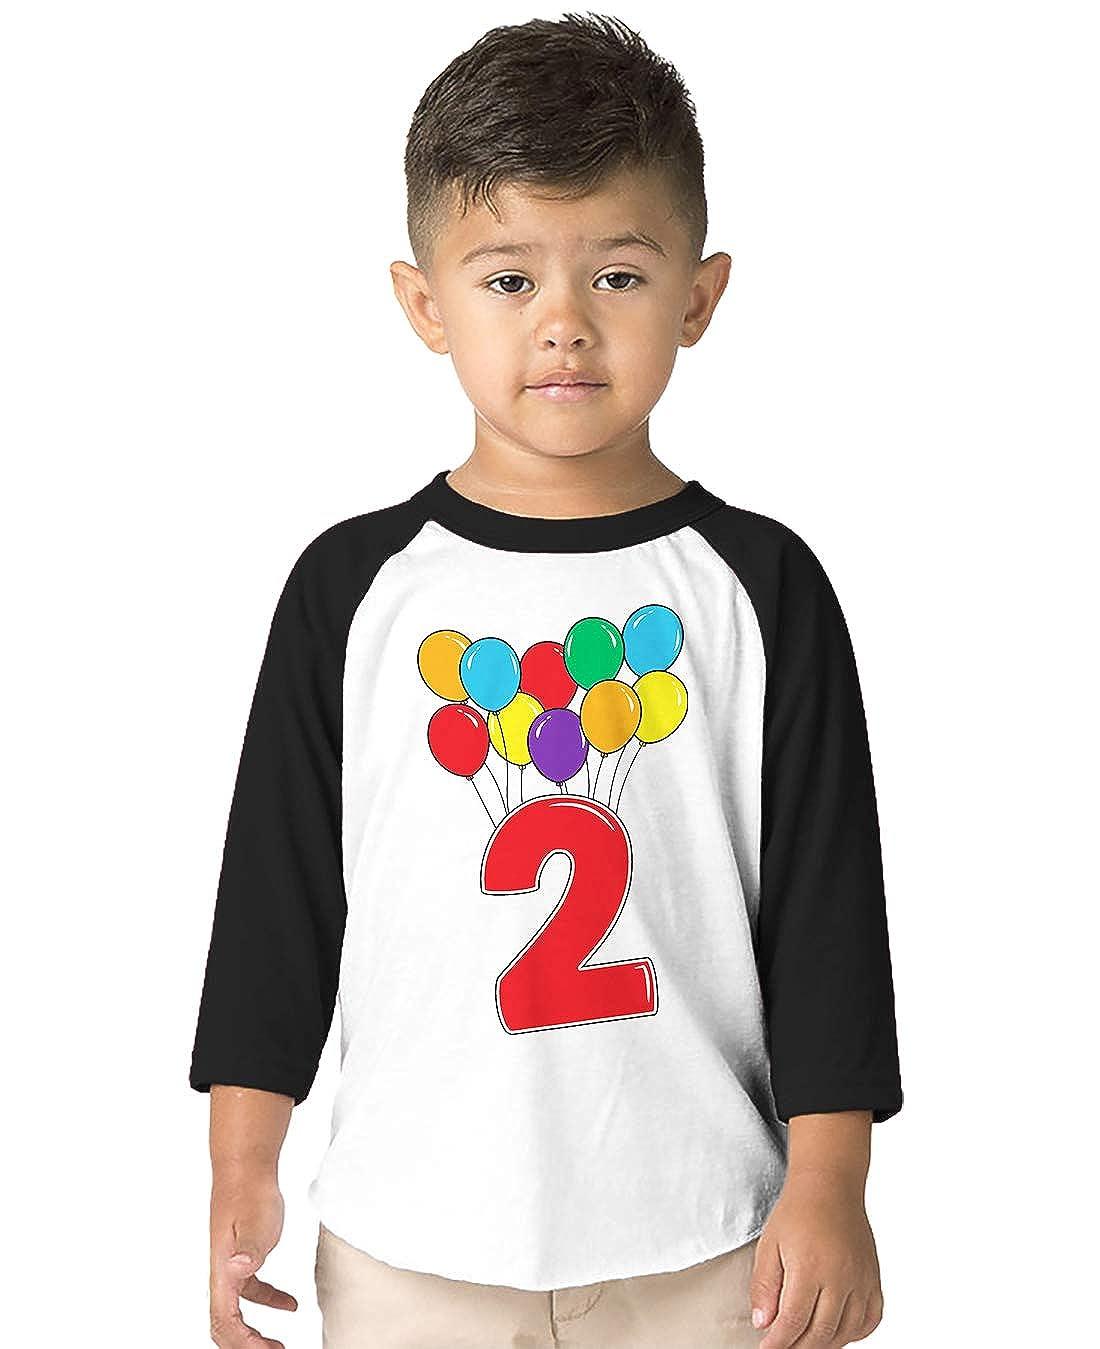 SpiritForged Apparel 2 Year Old Birthday Balloons Toddler 3//4 Raglan Shirt